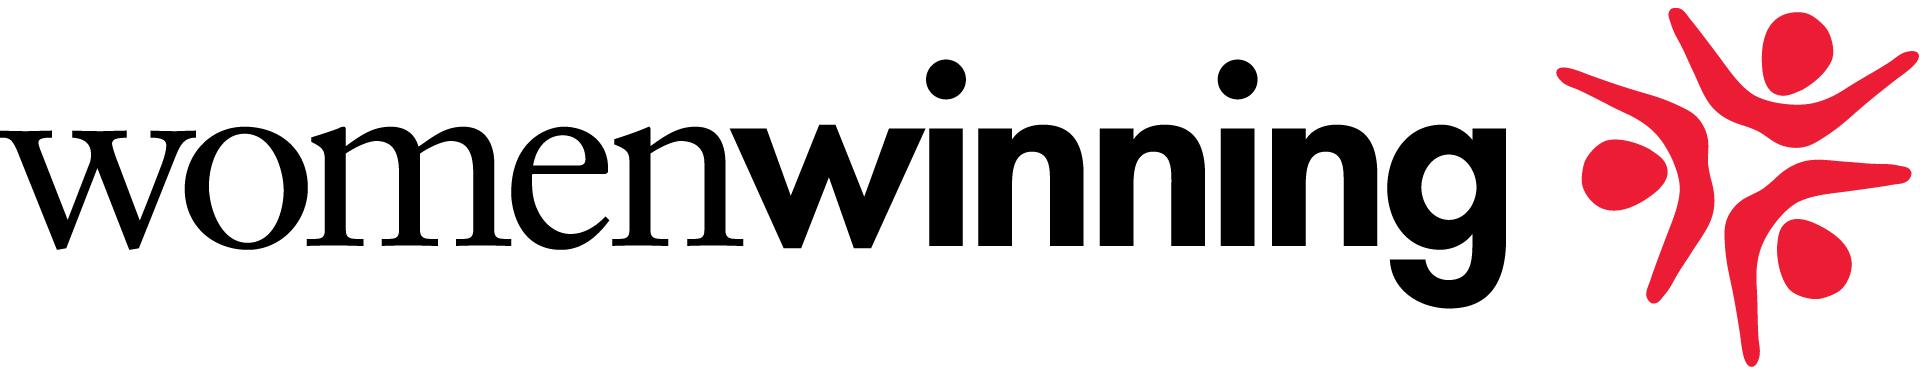 womenwinning logo-01.png